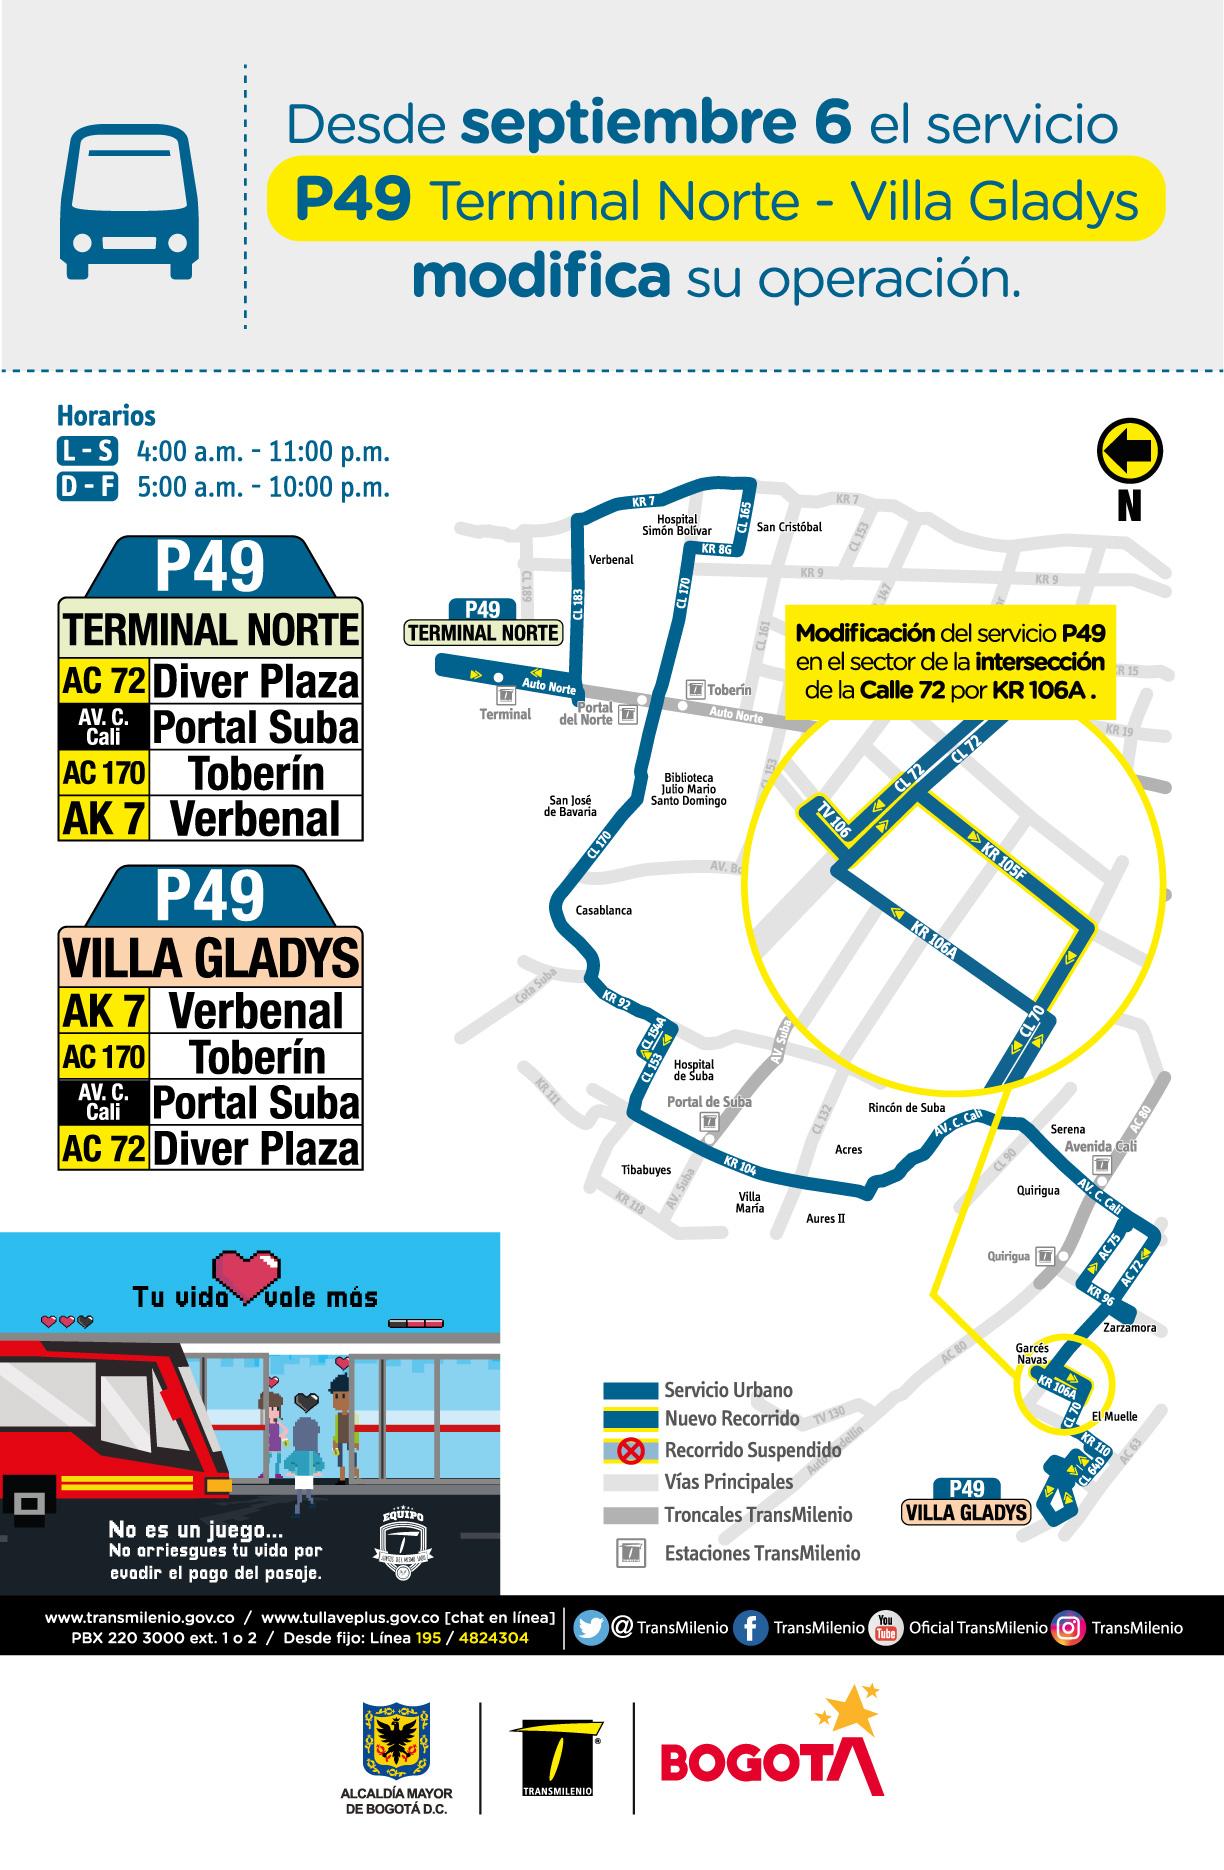 Servicio P29 Terminal Norte - Vila Gladys modifica su operación